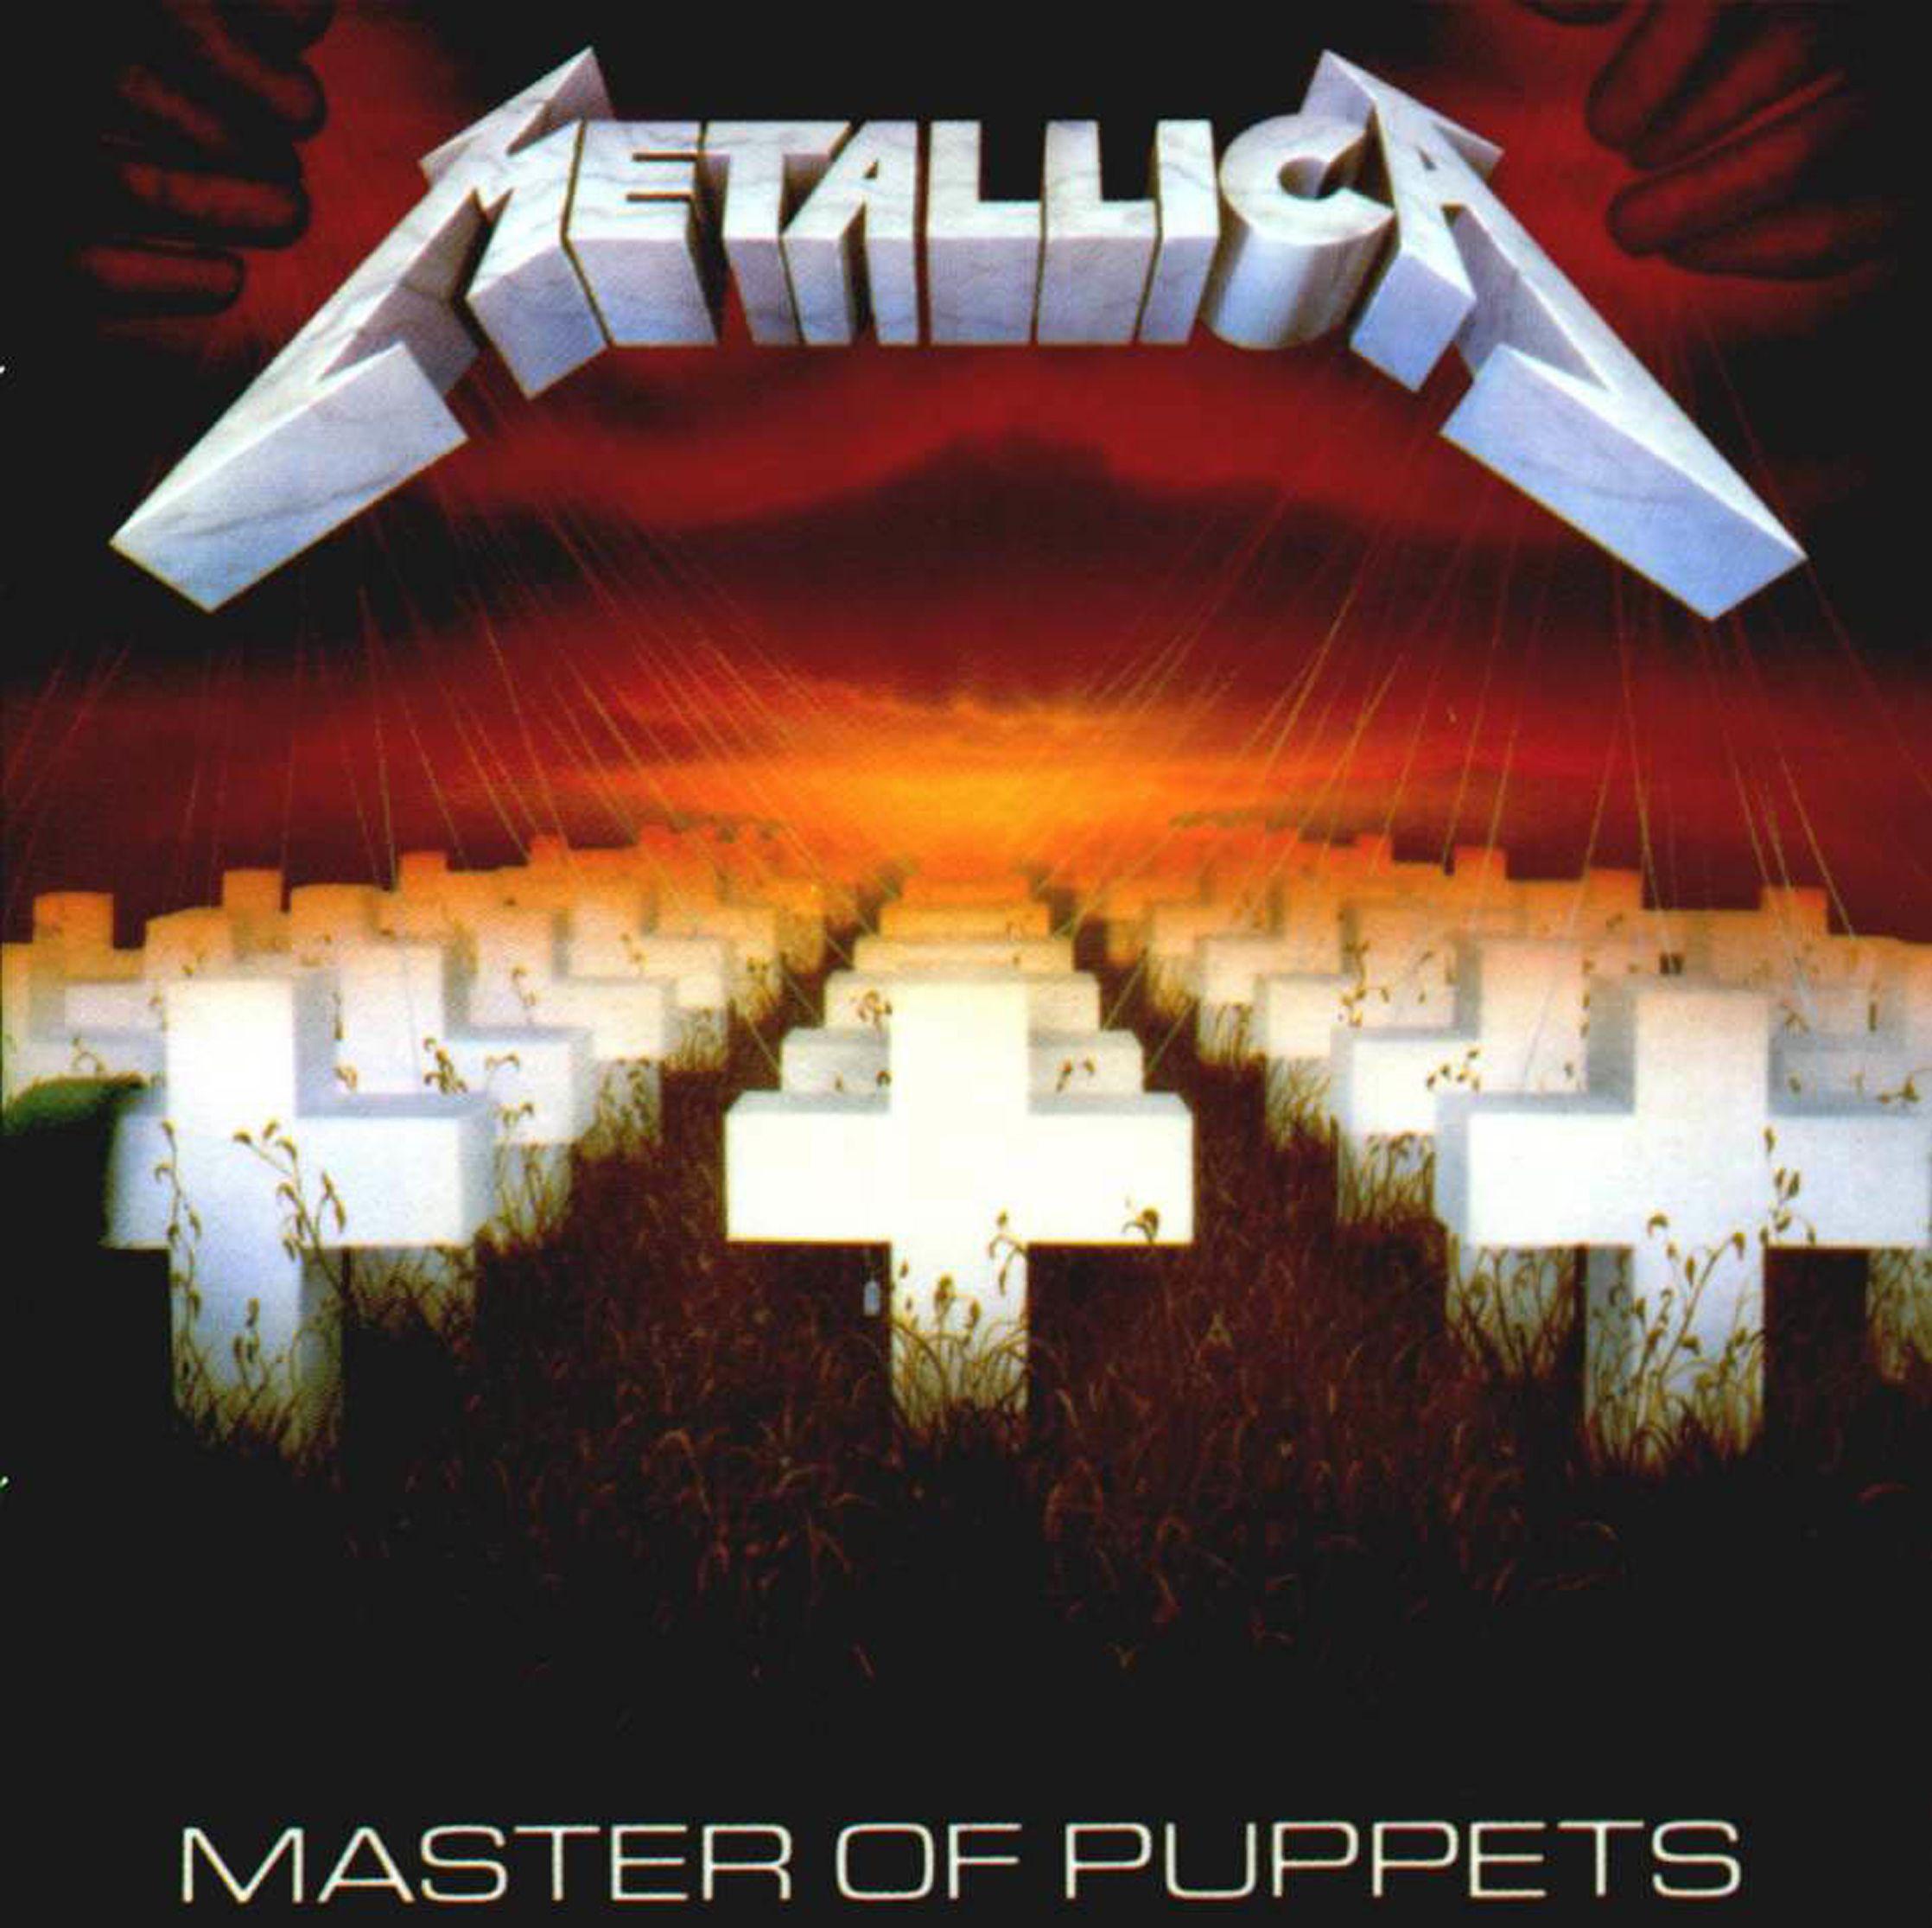 Metallica Master of Puppets 1986 | Album Cover Art ...